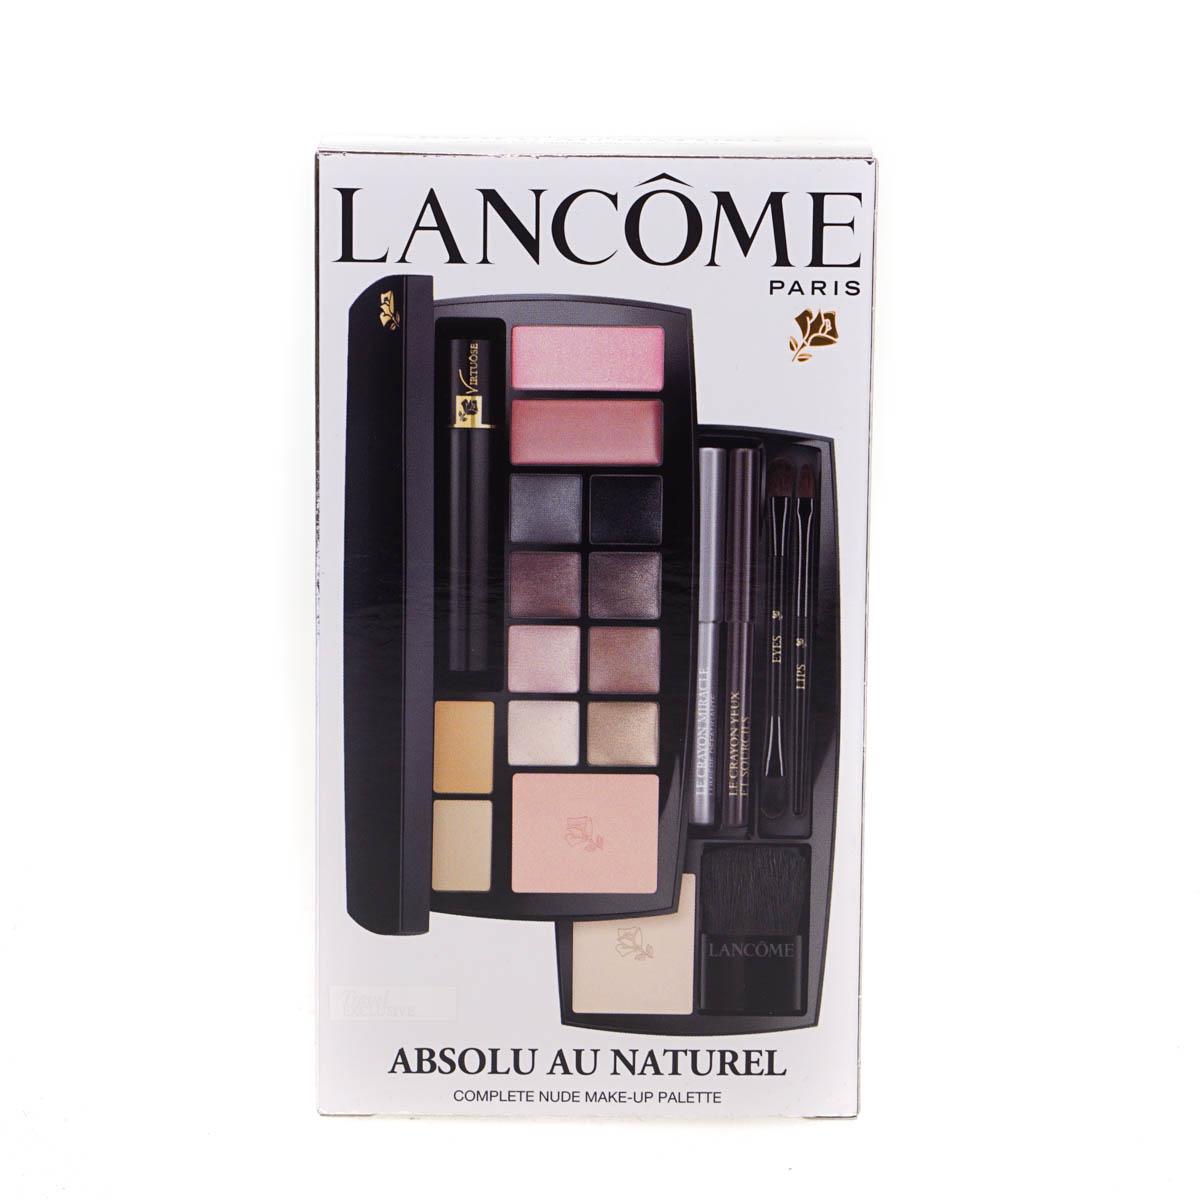 lancome absolu au naturel nude makeup palette set lips. Black Bedroom Furniture Sets. Home Design Ideas